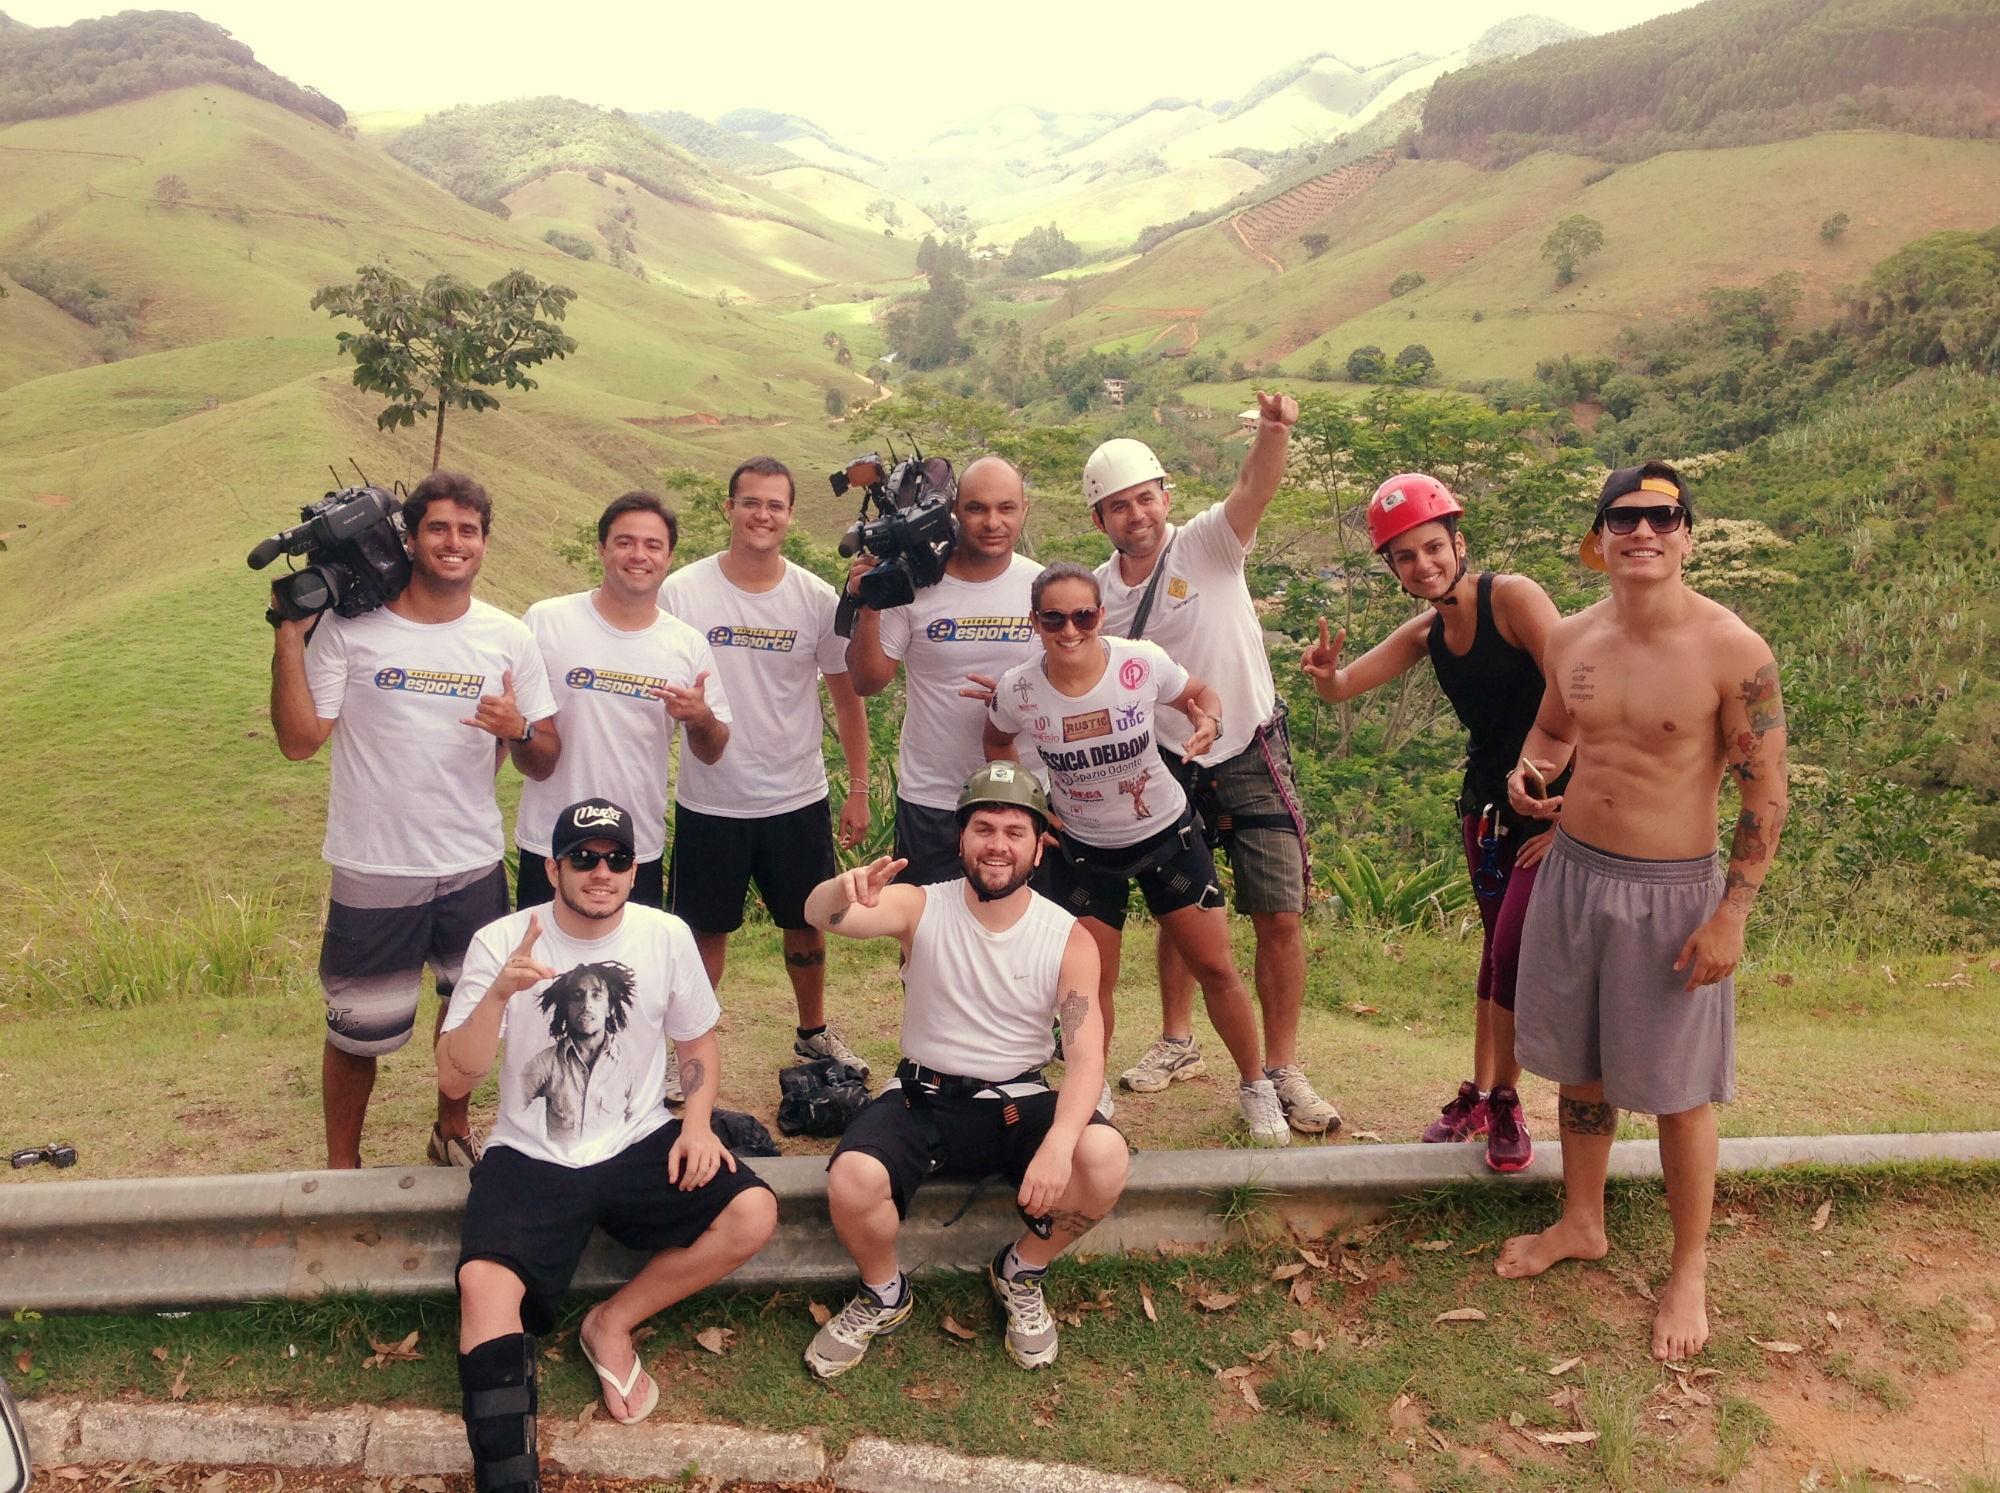 Estação Esporte especial em Matilde (Foto: Divulgação)